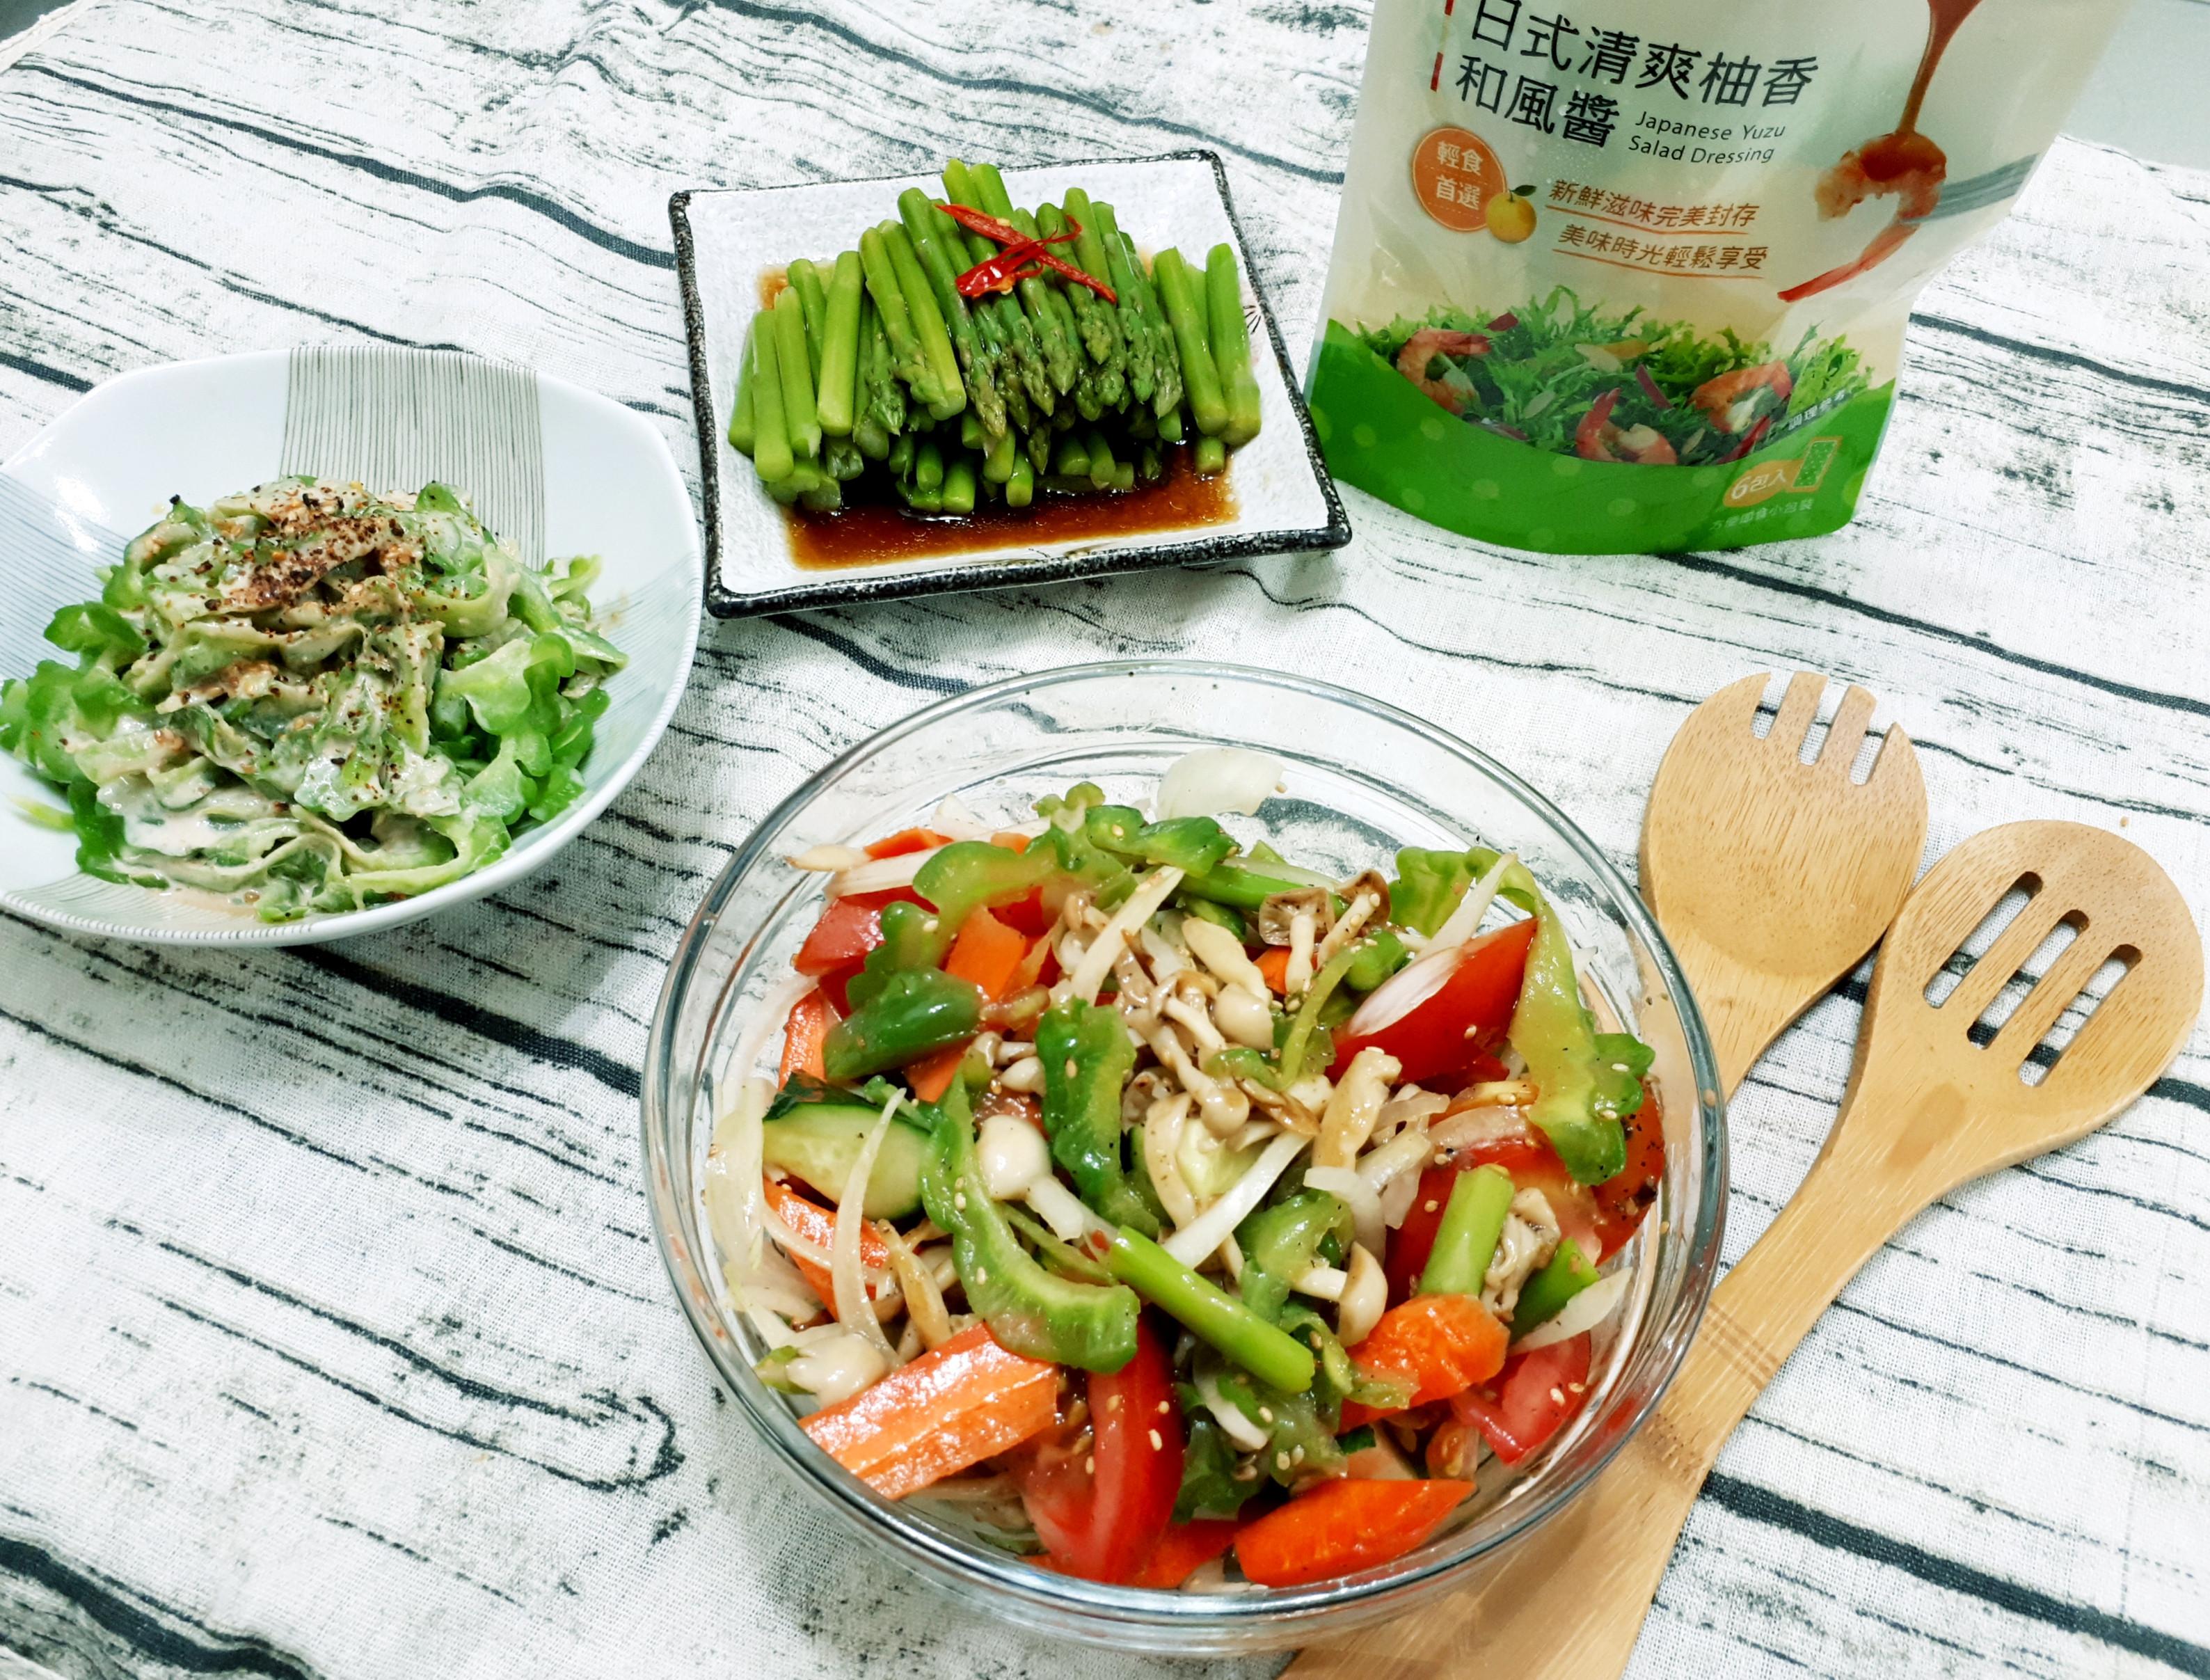 零廚藝免流汗料理~凱薩雞肉沙拉、涼拌苦瓜、涼拌蘆筍的第 2 張圖片